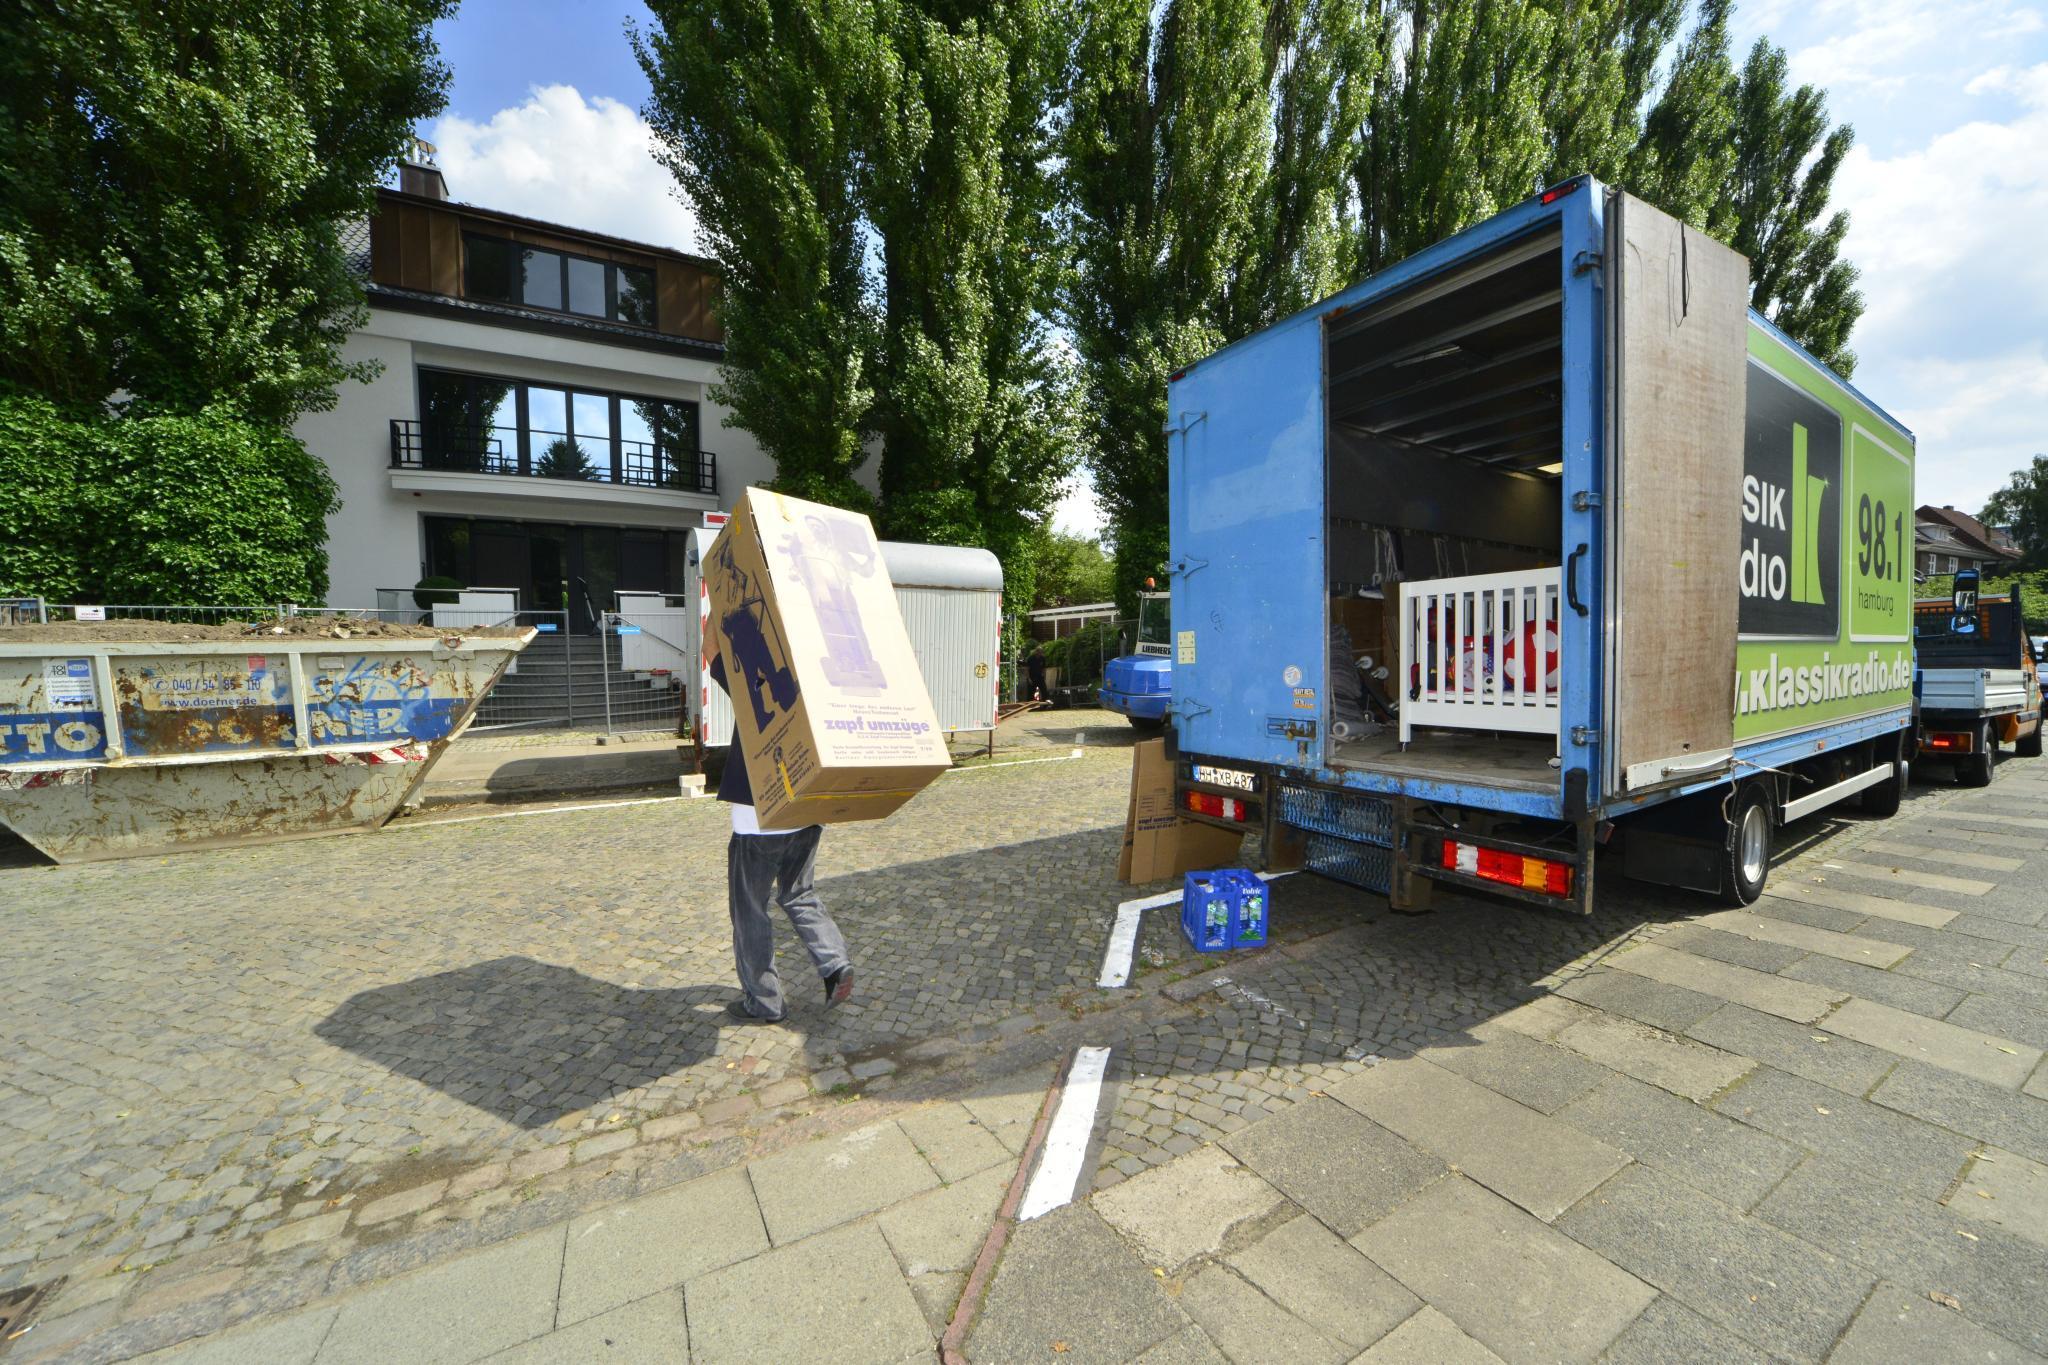 """Unzählige Male brachte der Umzugswagen die Möbel des Paares zur neuen Villa. Nun ist die Liebe von Fußballer Rafael van der Vaart und seiner Sabia endlich """"unter Dach und Fach""""."""